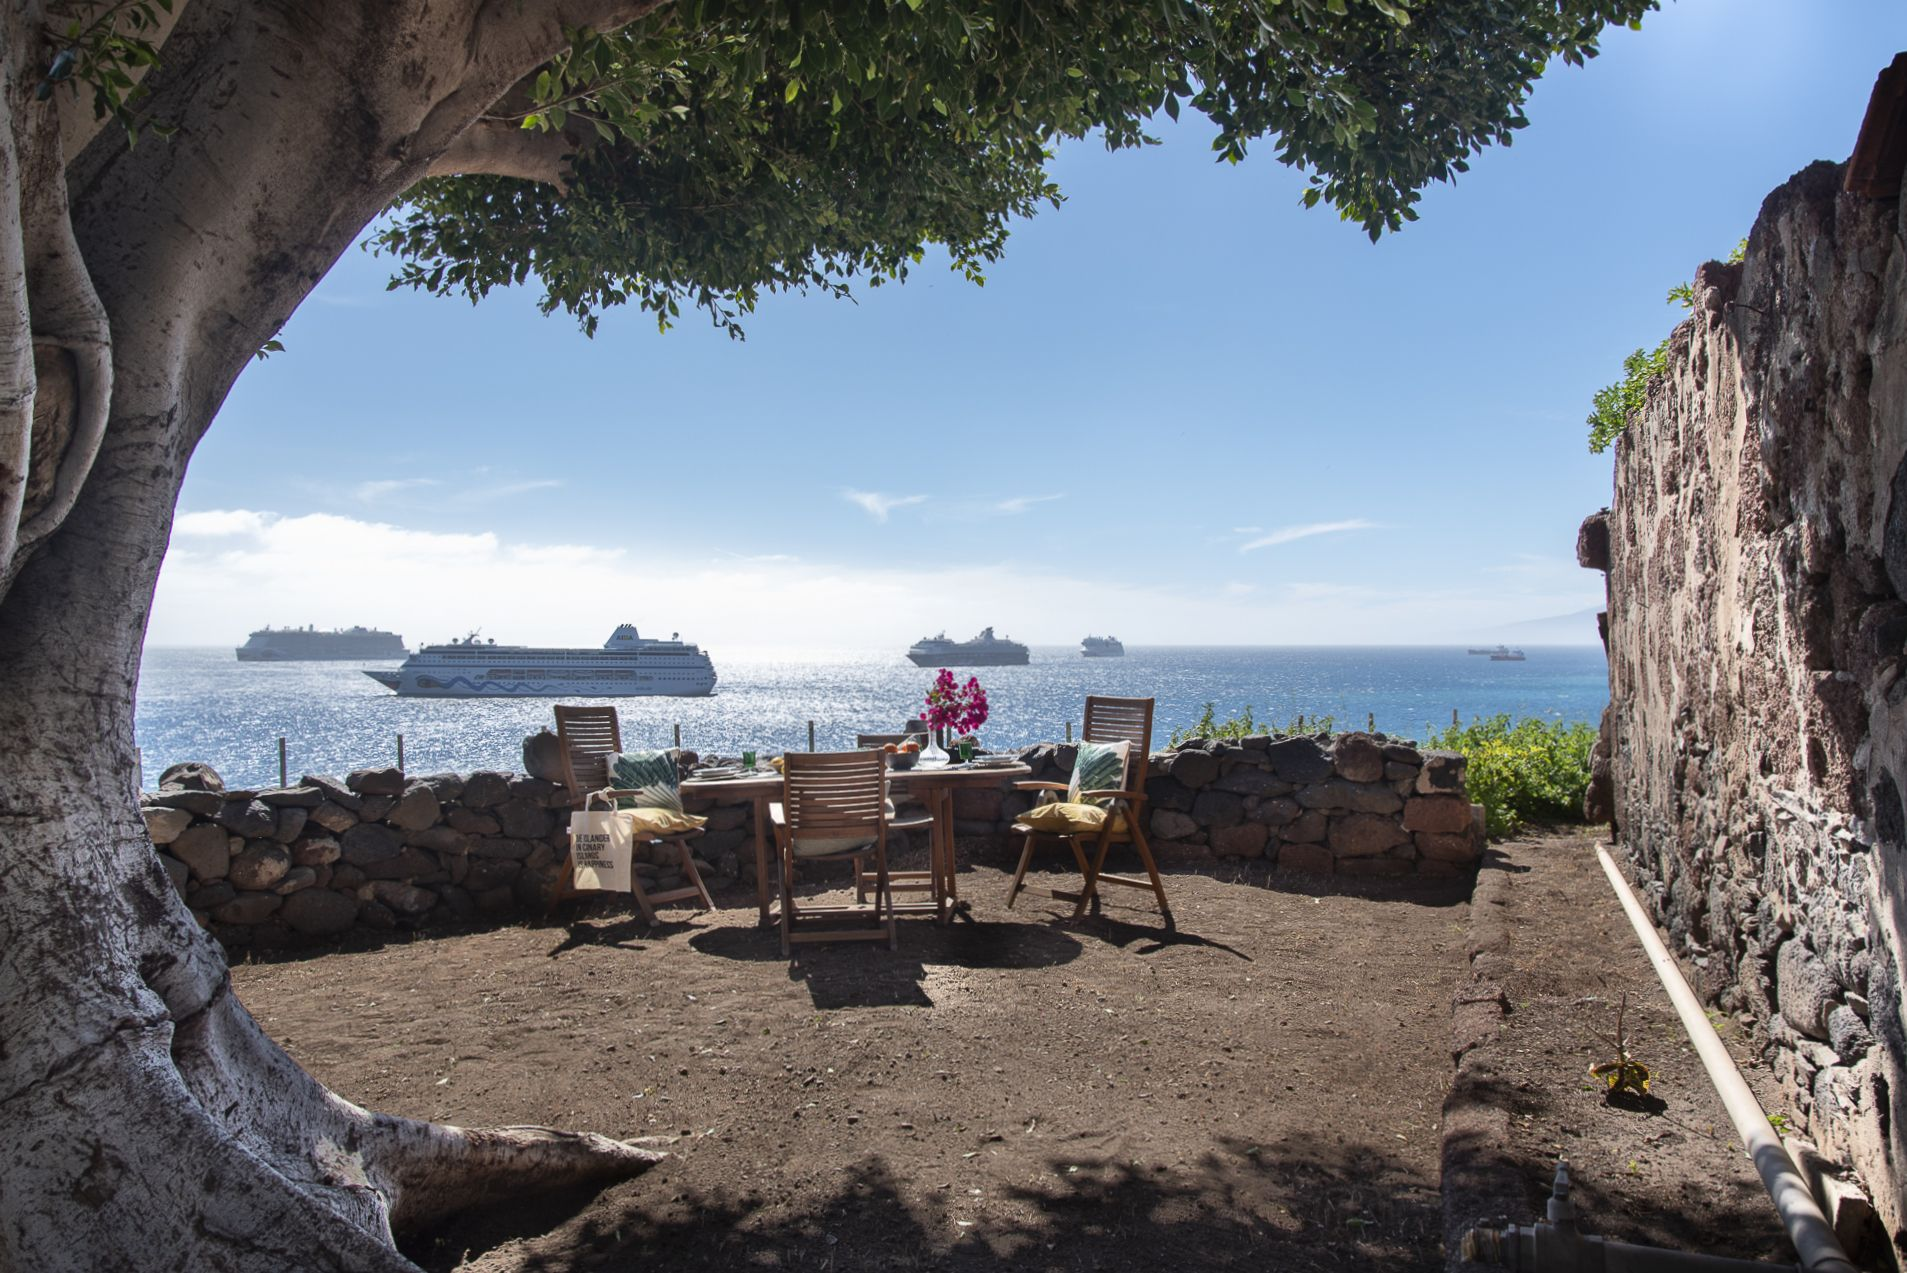 La Casa del Laurel - Comedor de verano y vistas de barcos